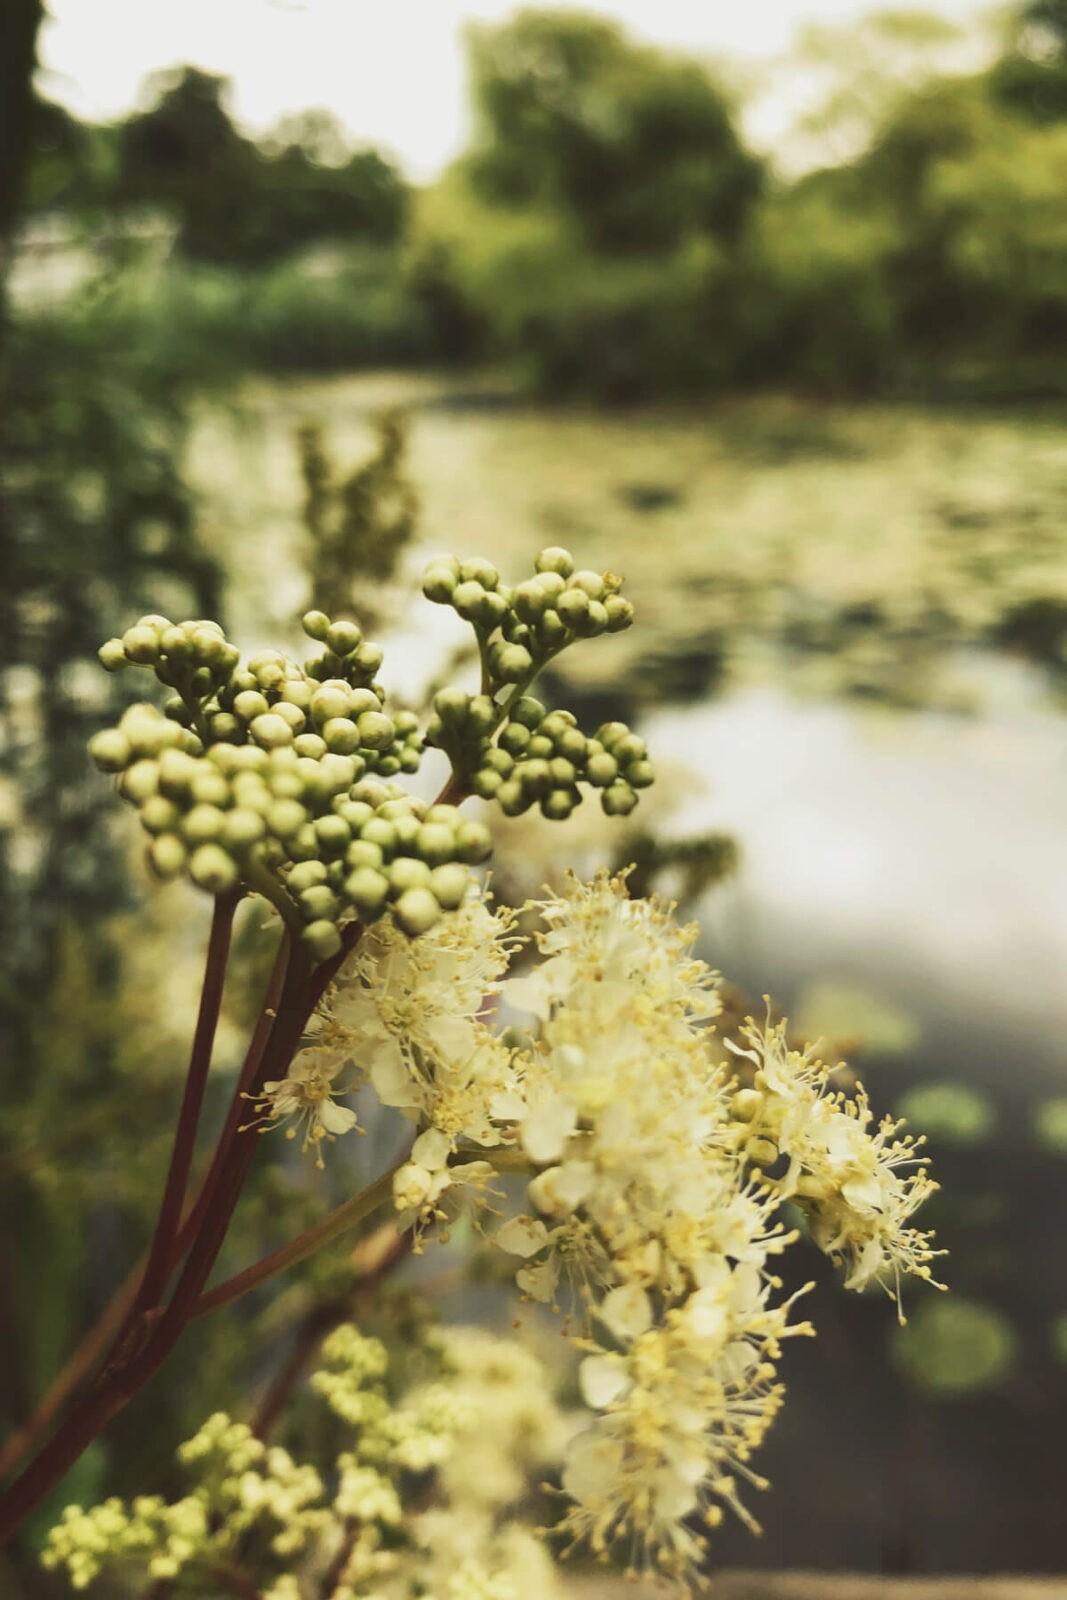 Moment der Ruhe im Botanischen Garten